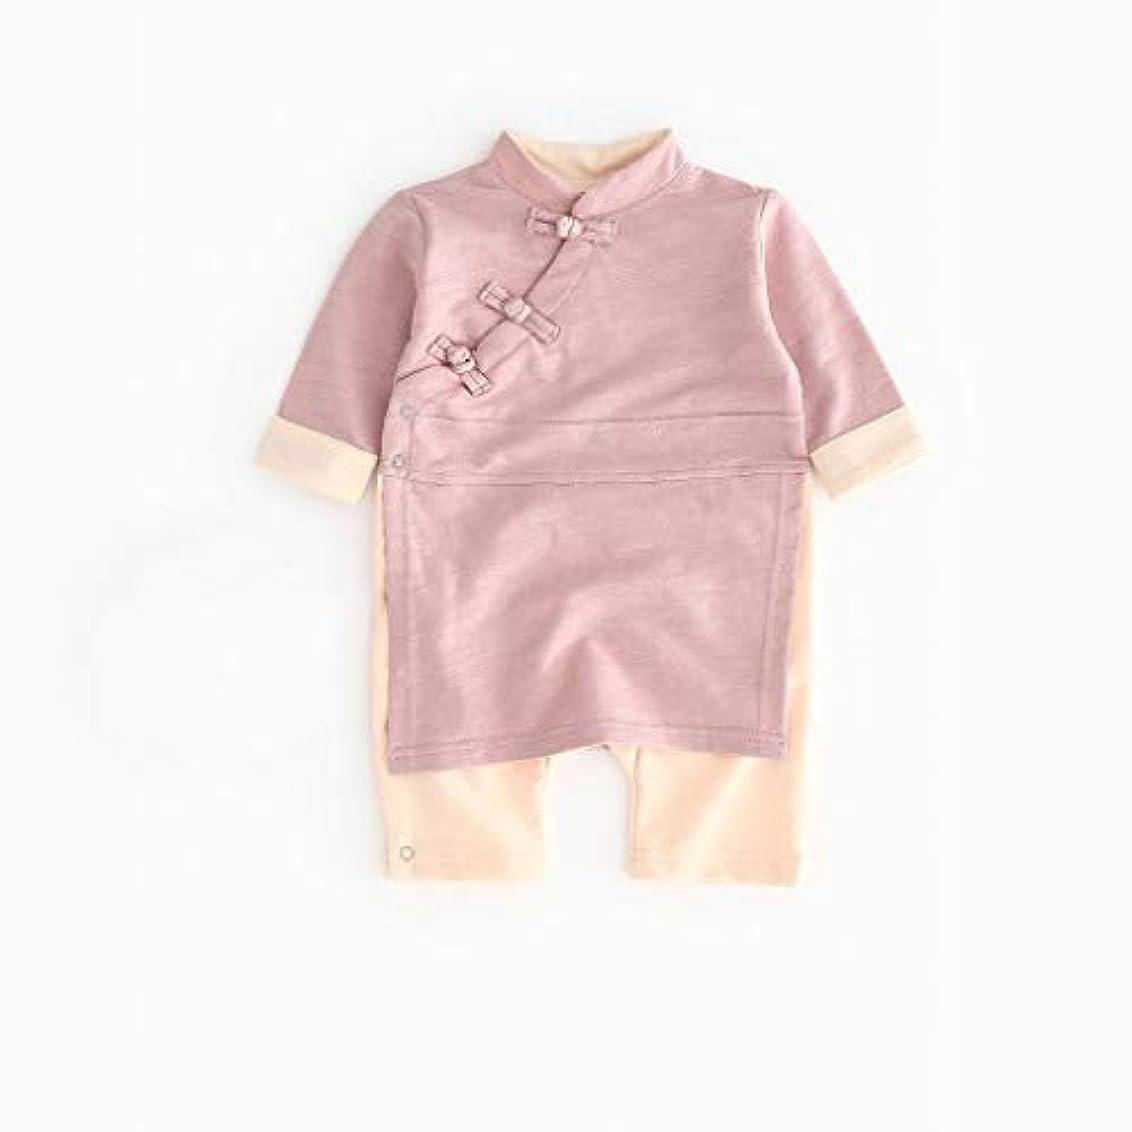 十分白内障失望かわいいボタン漢風生まれたばかりの赤ちゃん男の子女の子ボタン固体ロンパースジャンプスーツ着物服パジャマ女の子男の子レターストライプ長袖コットンロンパースジャンプスーツ